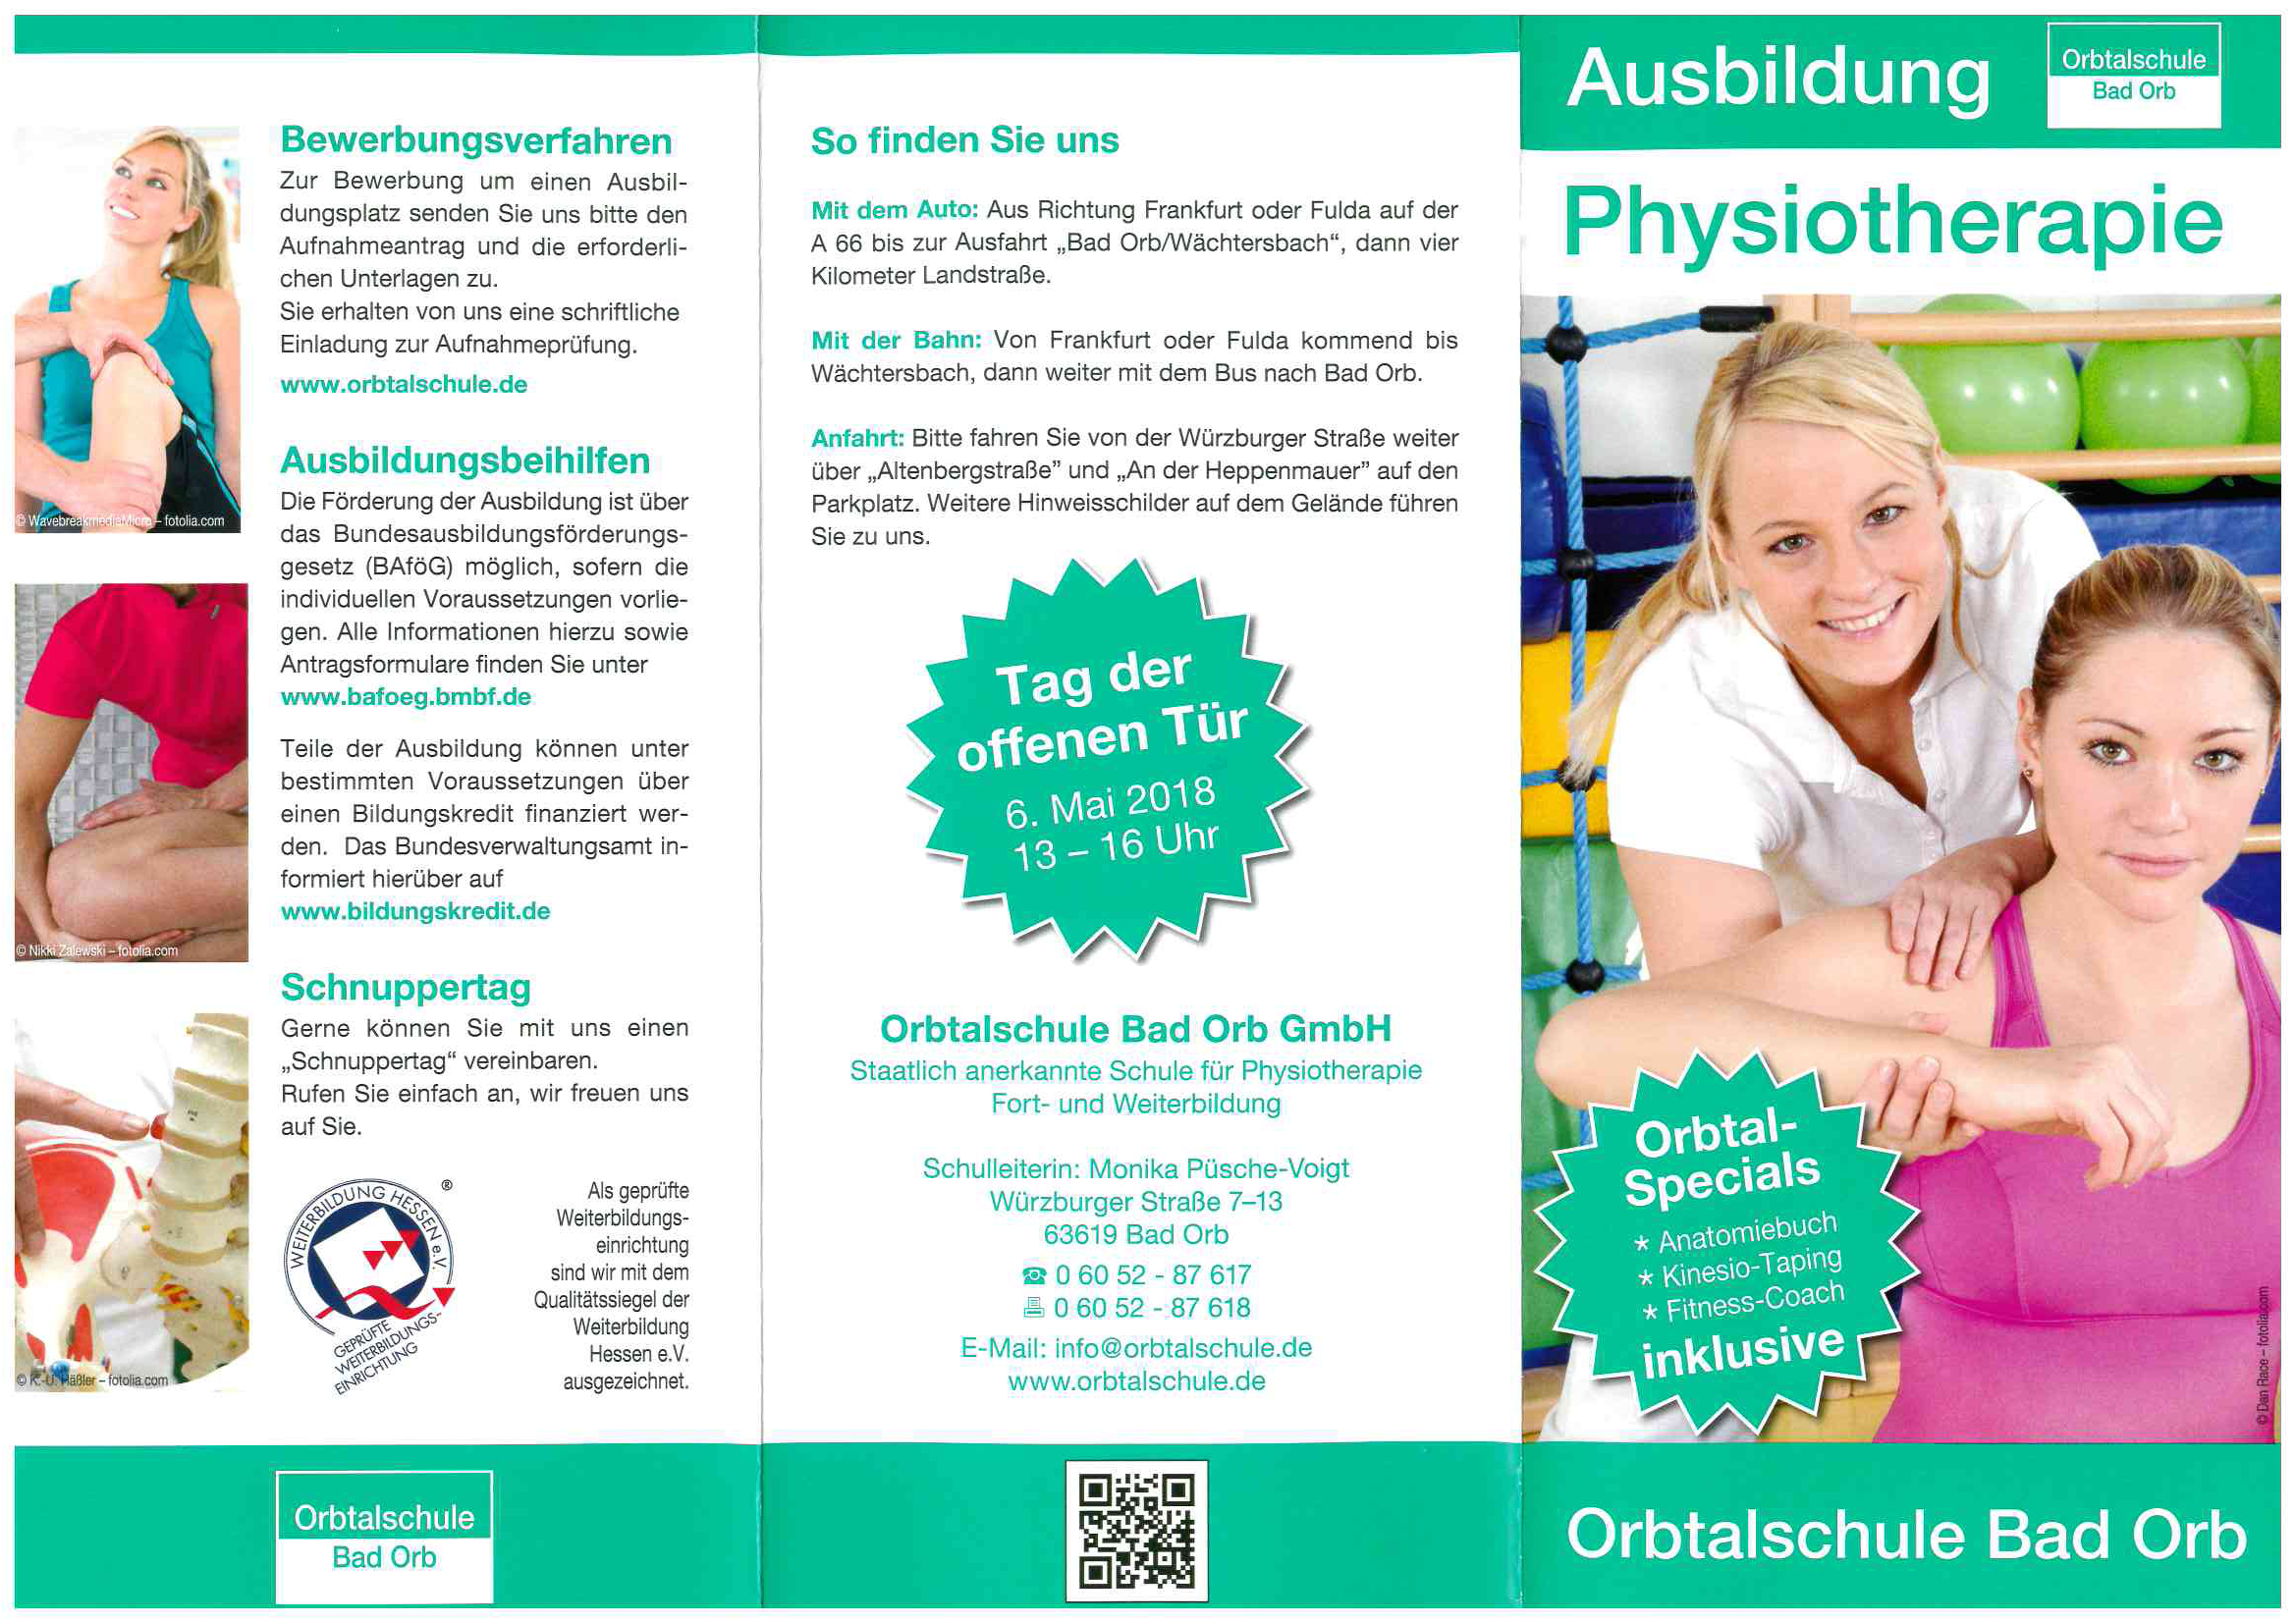 Orbtalschule Bad Orb GmbH, Schule für Physiotherapie | Meine